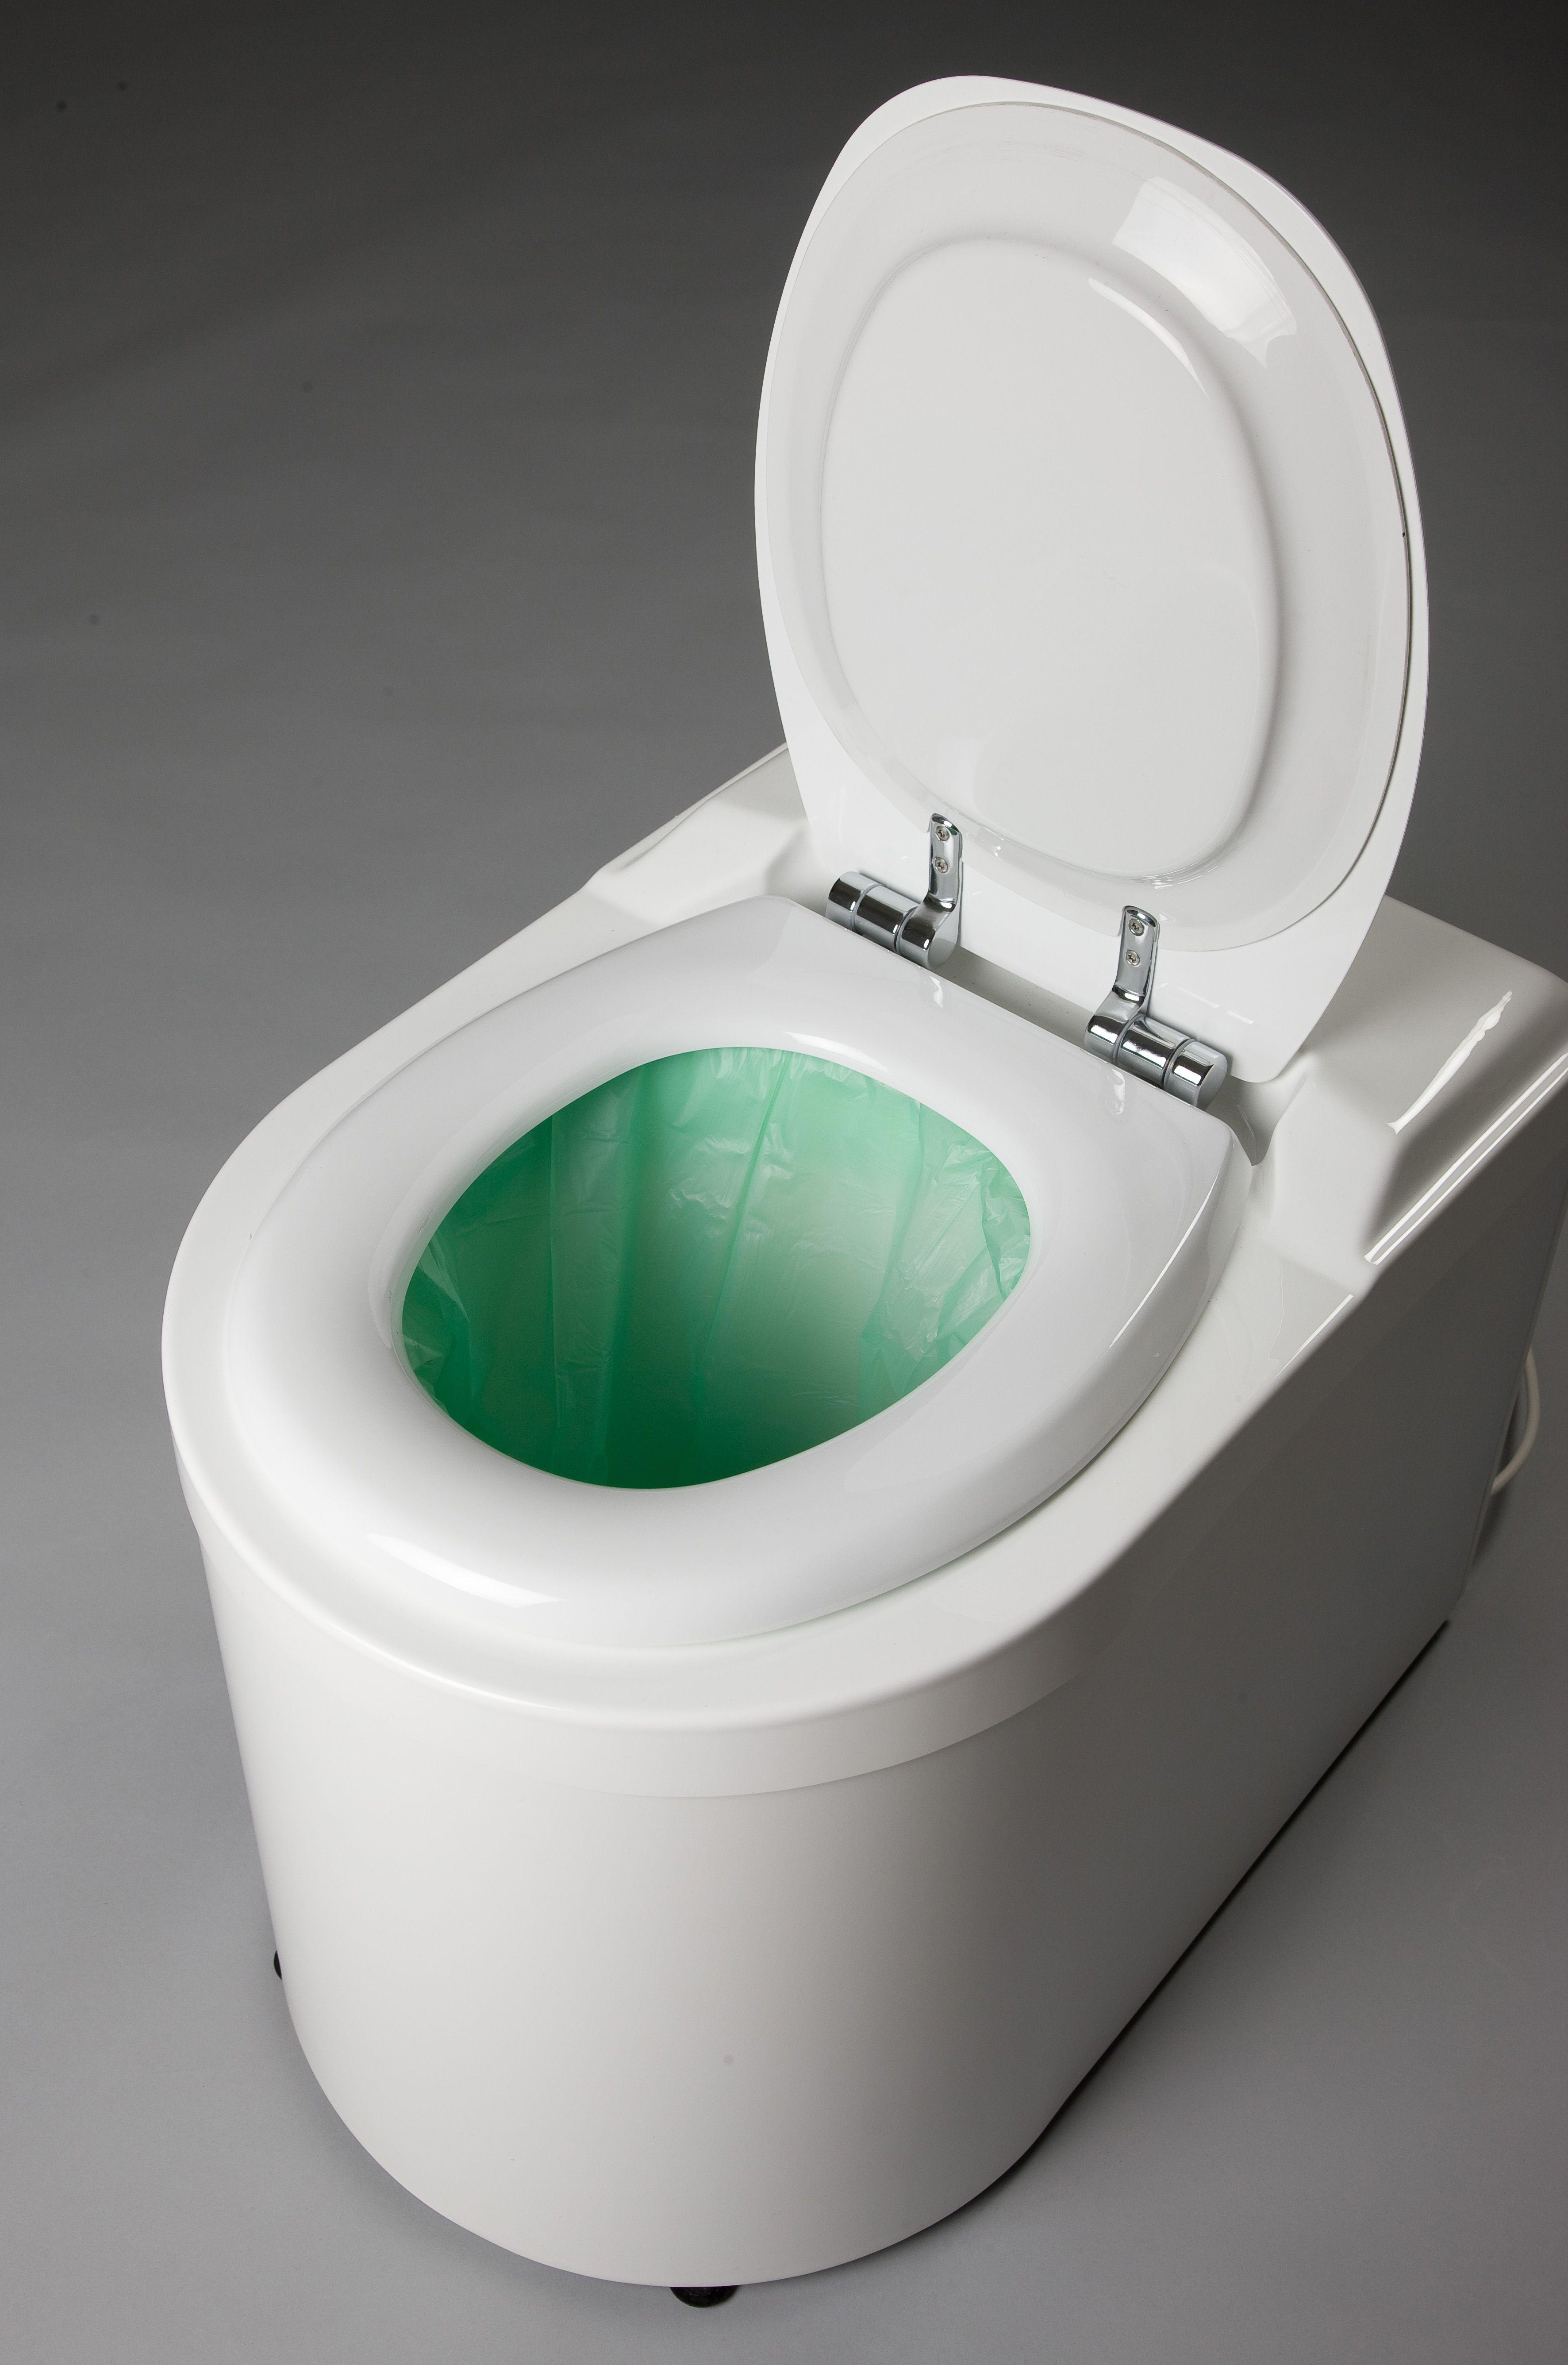 Freezing toilet is an odourless and hygenic option as a toilet. It needs only electricity for working, so it is easy to move it around even withn bathroom. Therefore it is extremely useful for houses, cottages, renovation places etc. Pakastava käymälä on näppärä vaihtoehto kotiin, sillä se on tuoksuton ja hygieeninen sekä äärimmäisen siistin näköinen ja helppokäyttöinen.  #Toilet #Drytoilet #Freezingtoilet #waterlesstoilet #cottage #renovation #bathroom #home #kesämökki #kylpyhuone…